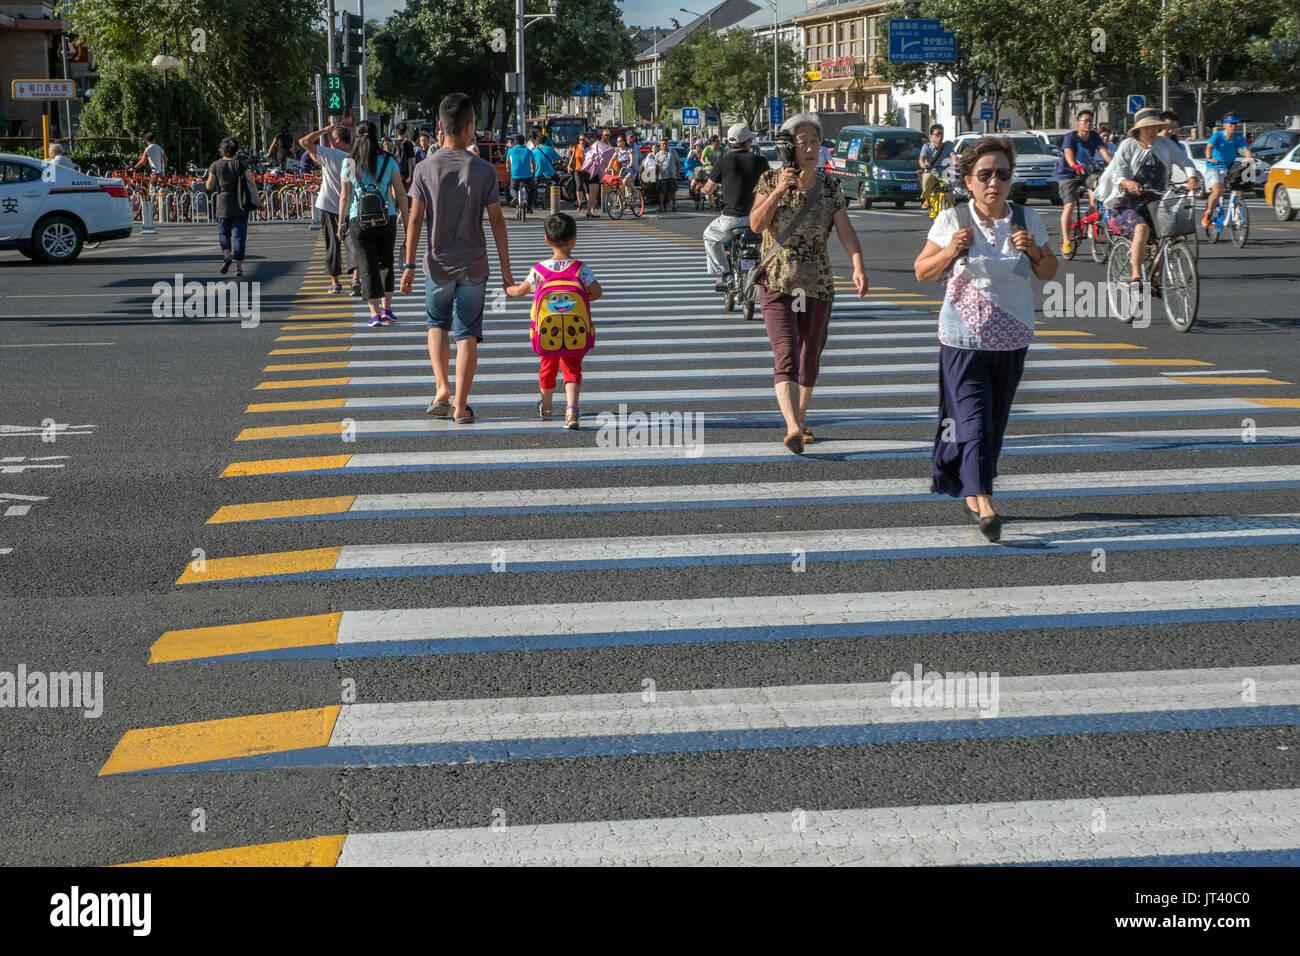 Los peatones en 3D de cebra en el centro de Beijing, China. 07-Aug-2017 Imagen De Stock